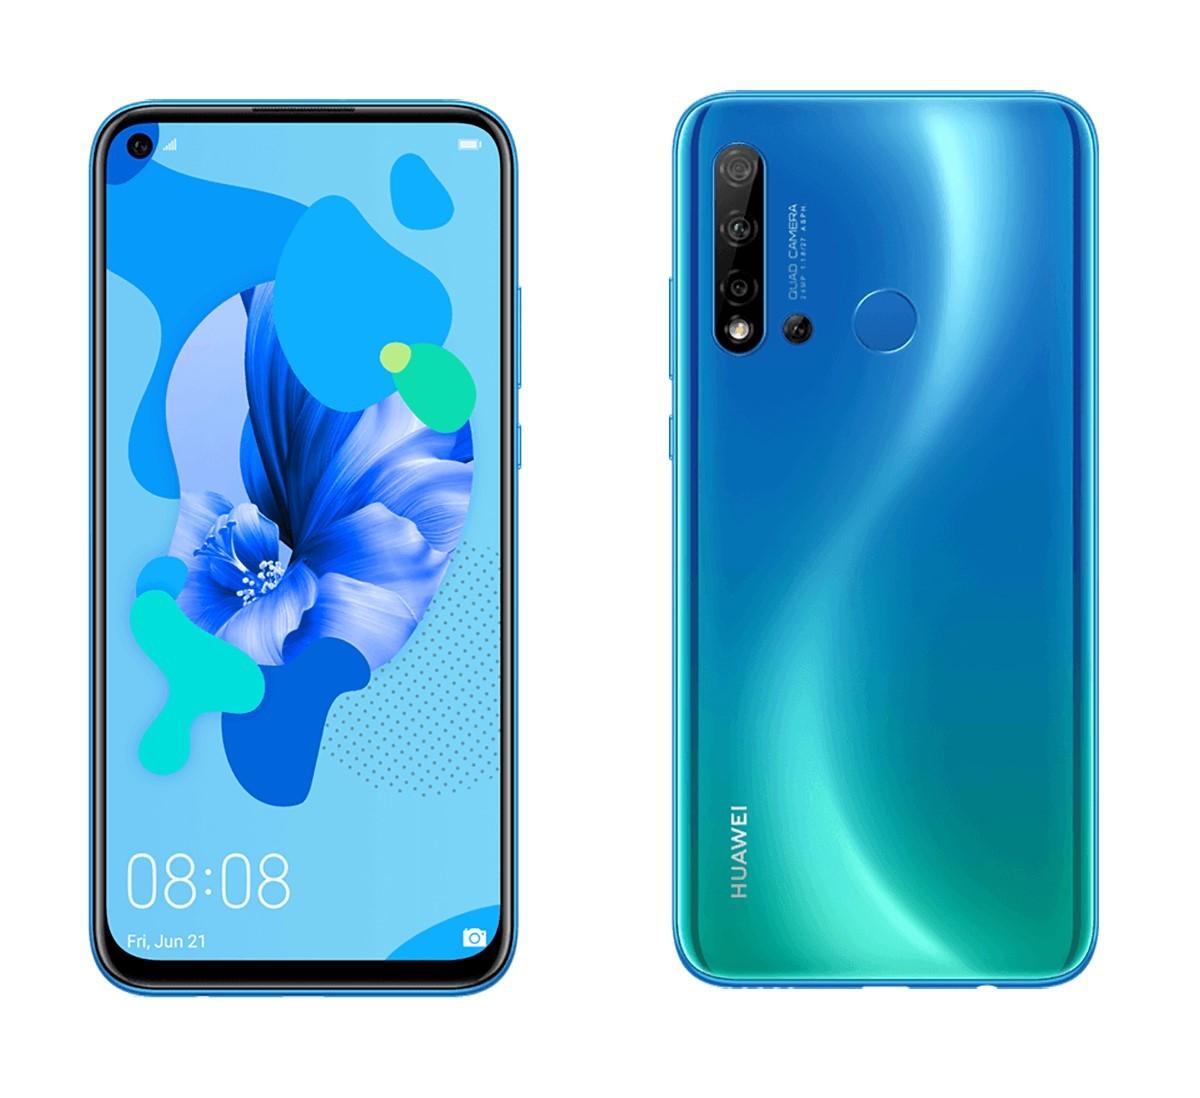 Un Huawei P20 Lite 2019 devrait bientôt être commercialisé. Le voici qui se montre dans quelques rendus avec un écran percé et un quadruple capteur photo à l'arrière.